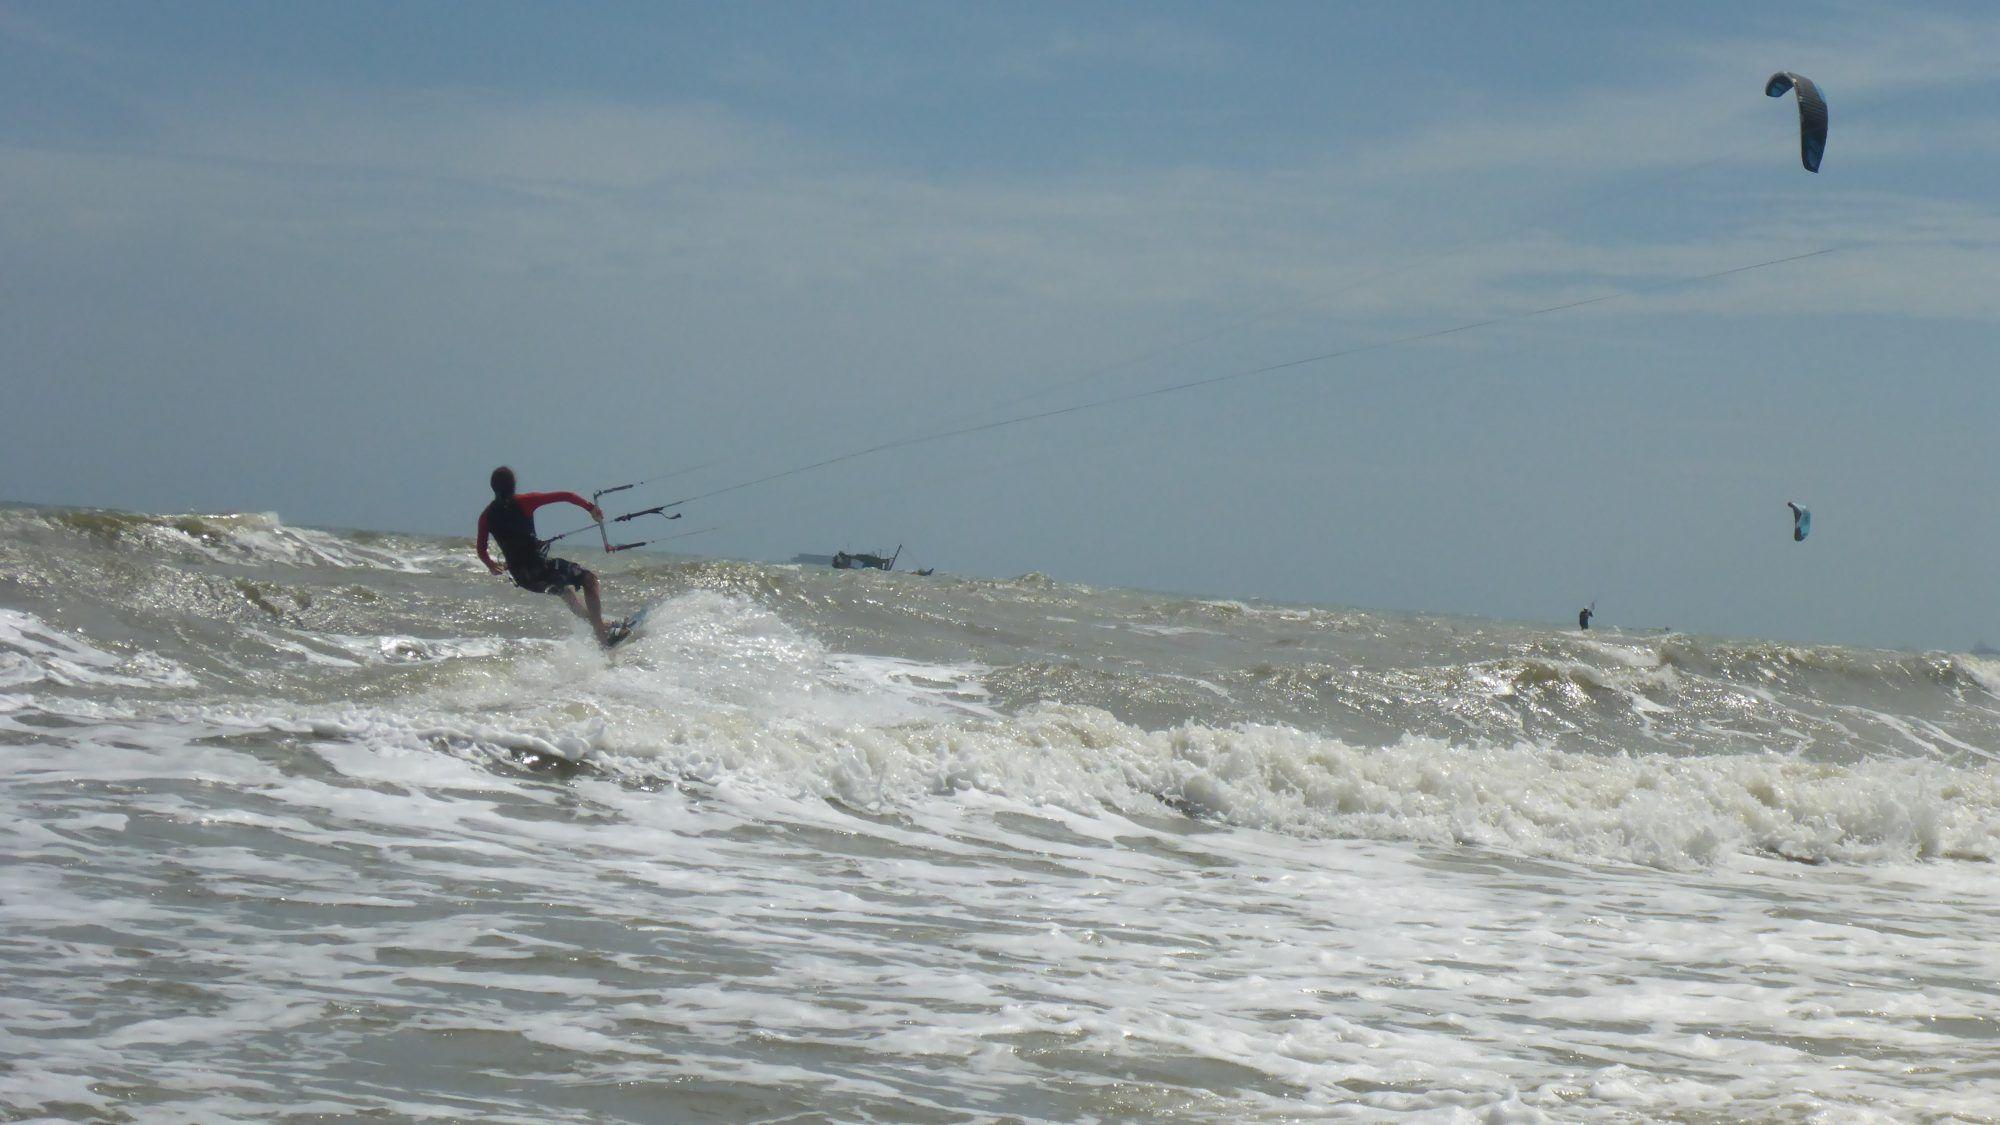 anfänger kitekurse auf Vietnam - kiteschule Vung Tau in December